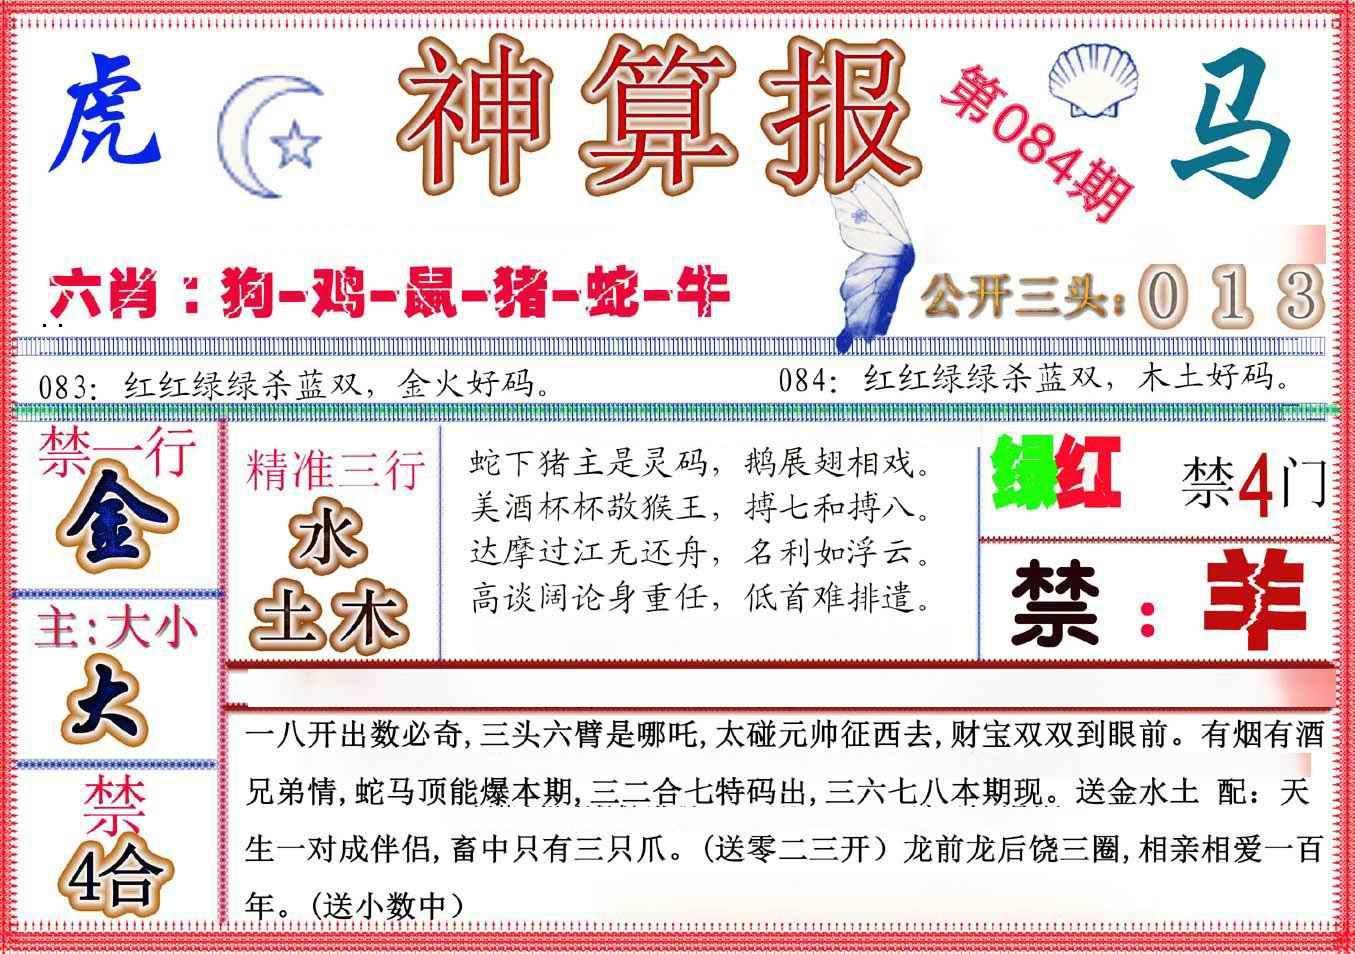 084期神算报(新版)